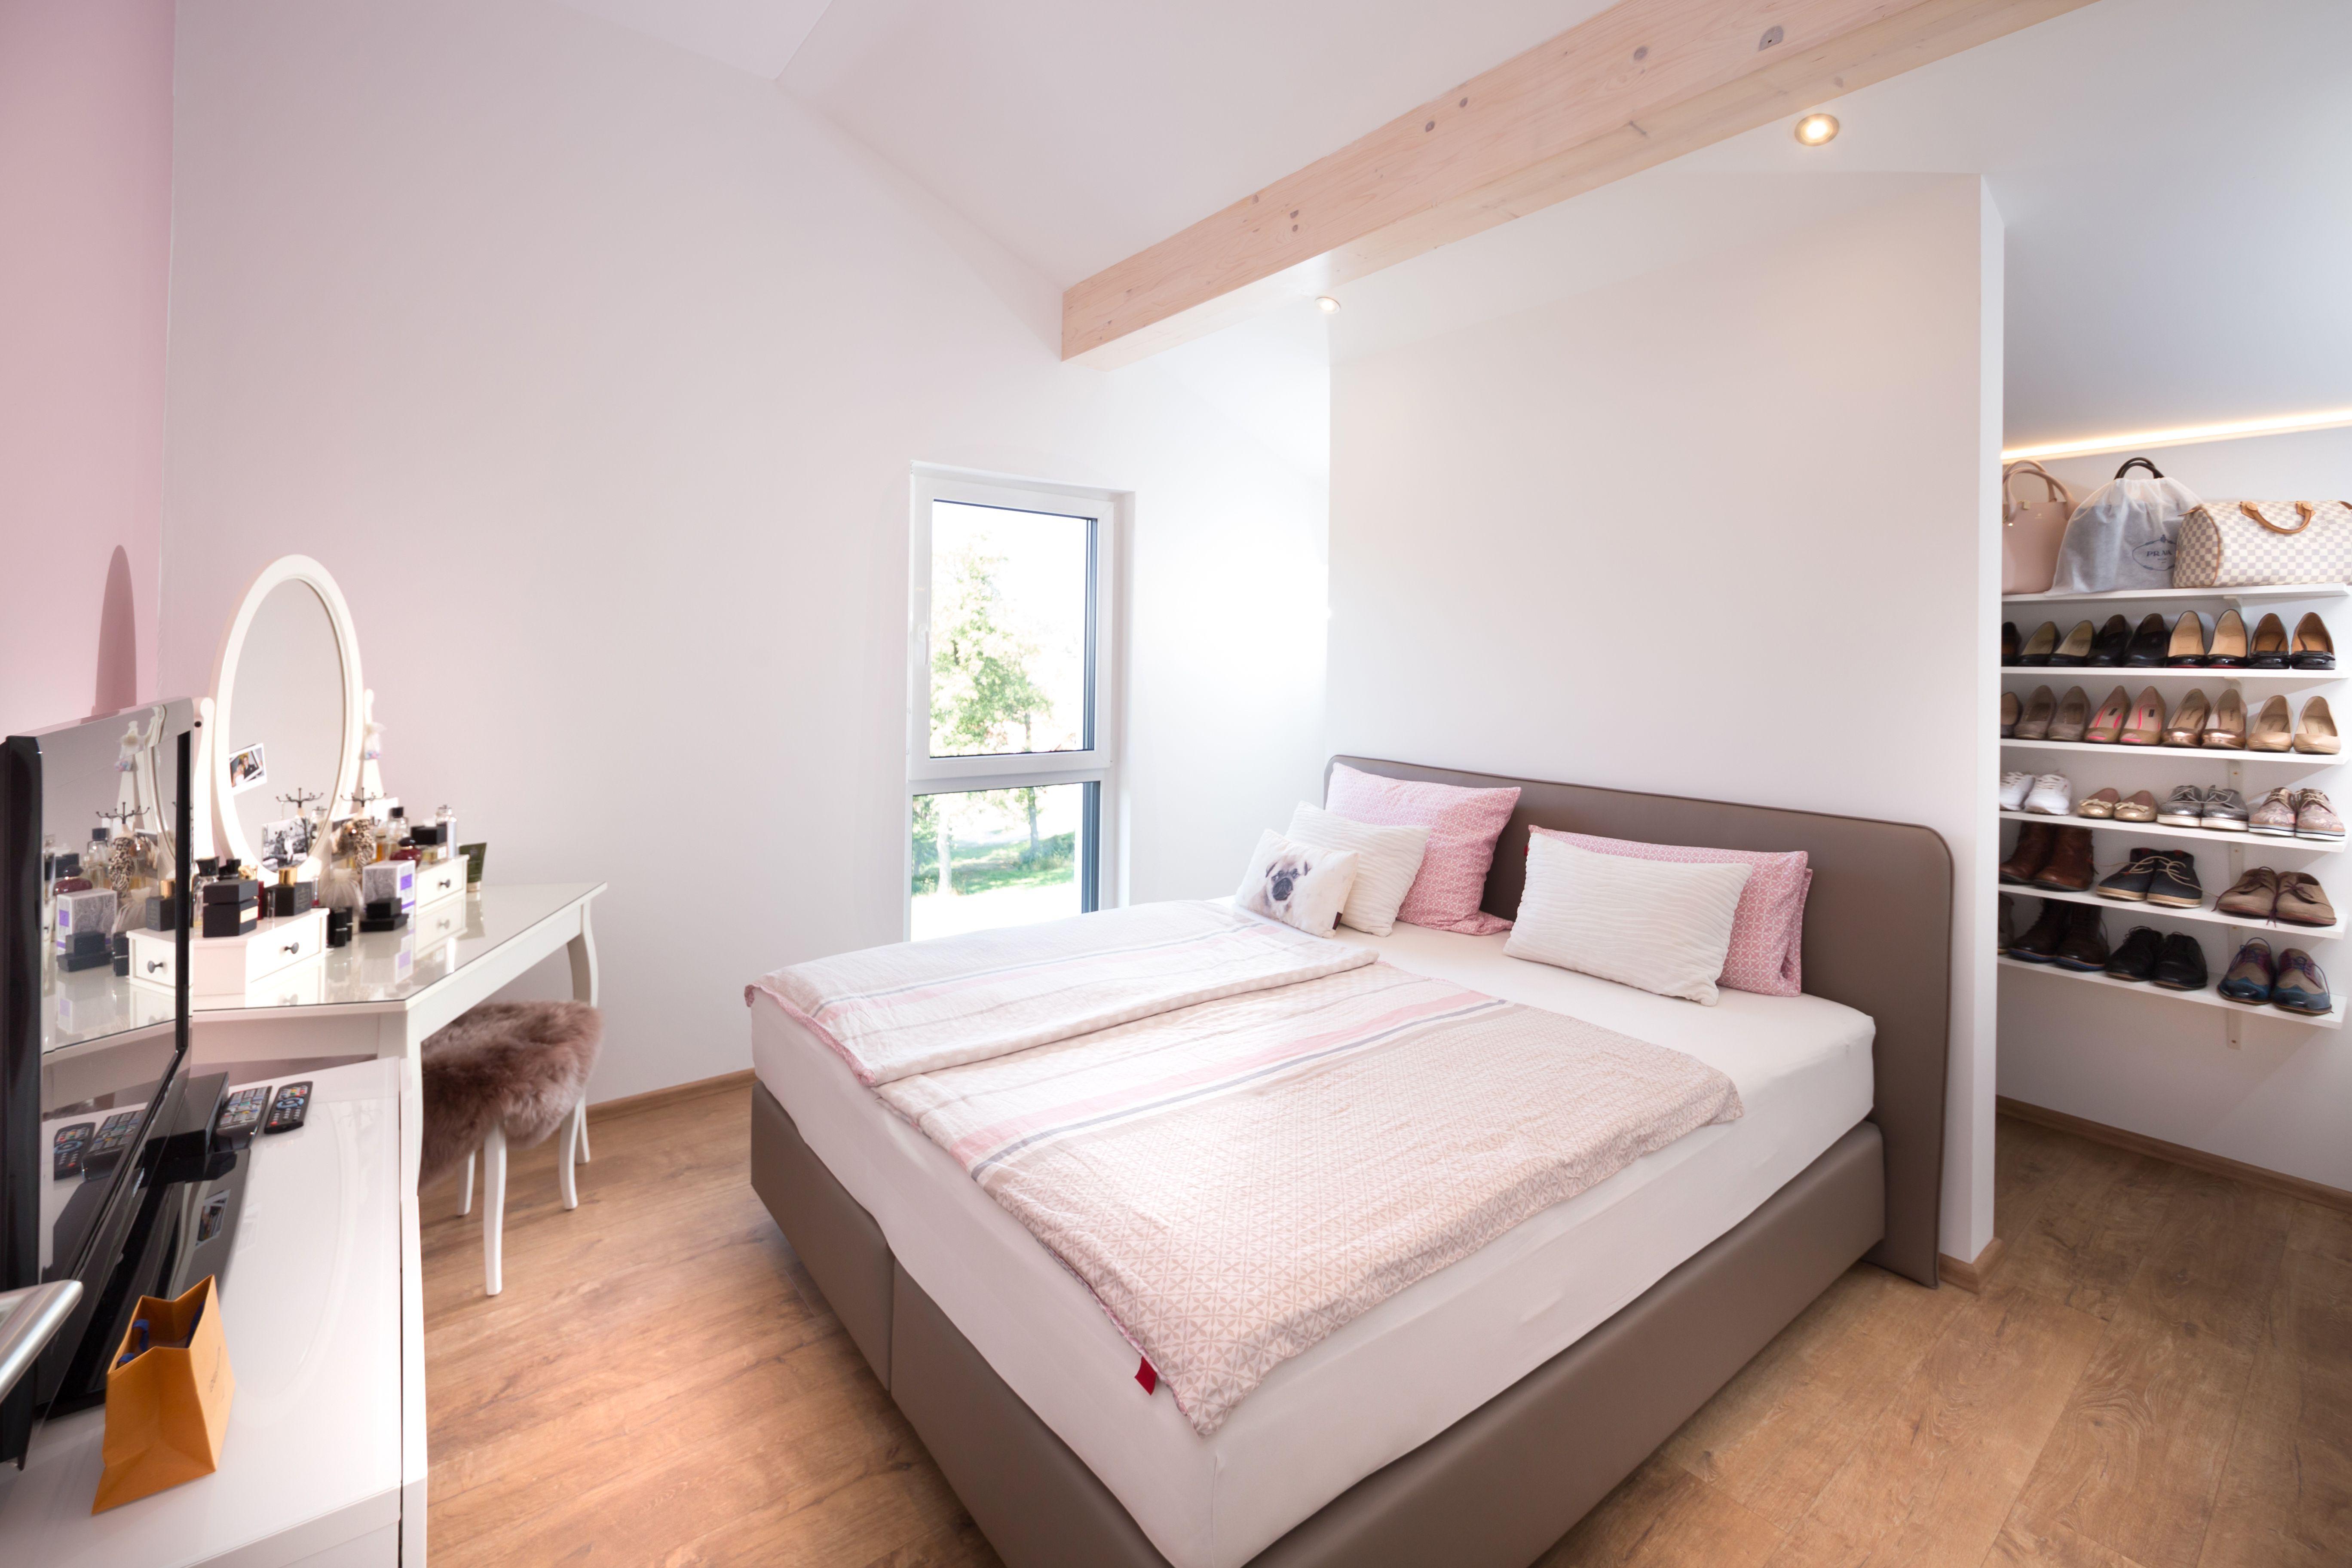 Fischerhaus Schlafzimmer Modern 263 In 2020 Innenarchitektur Wohn Design Wohnideen Schlafzimmer